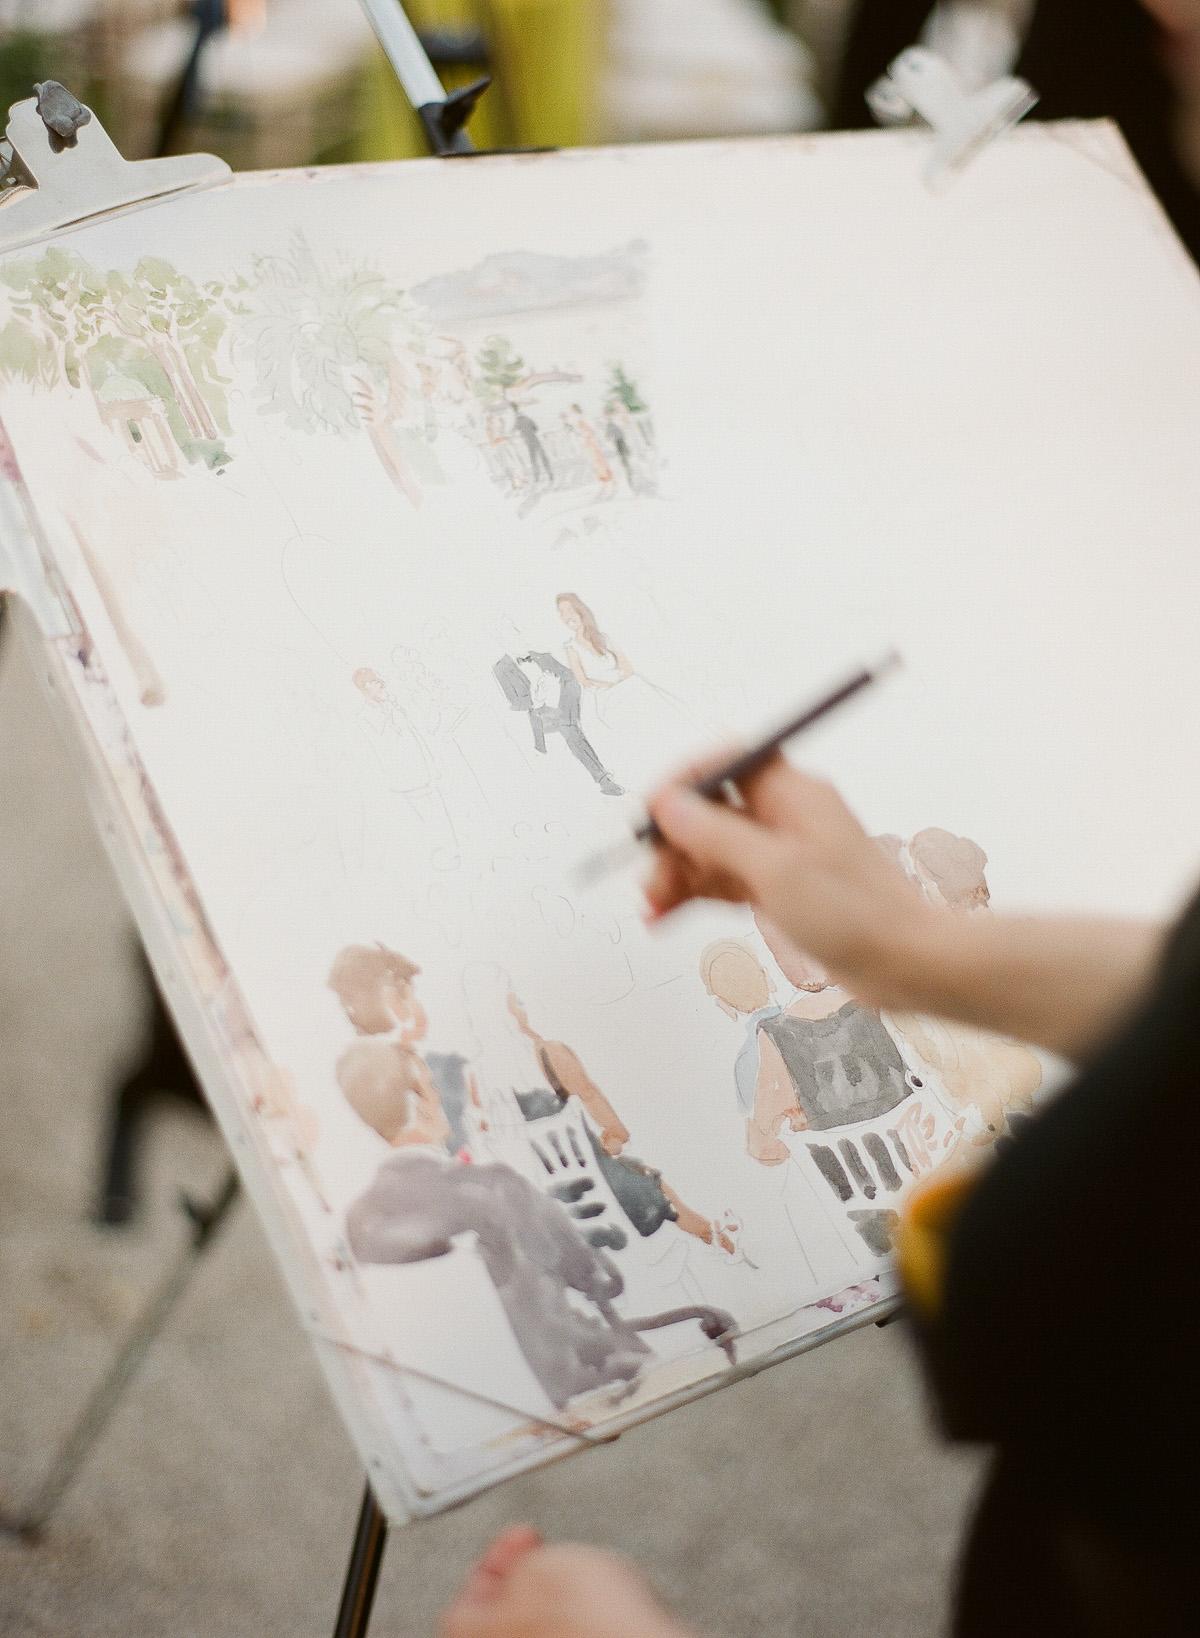 Live Painting Cérémonie laïque © Greg Fynck